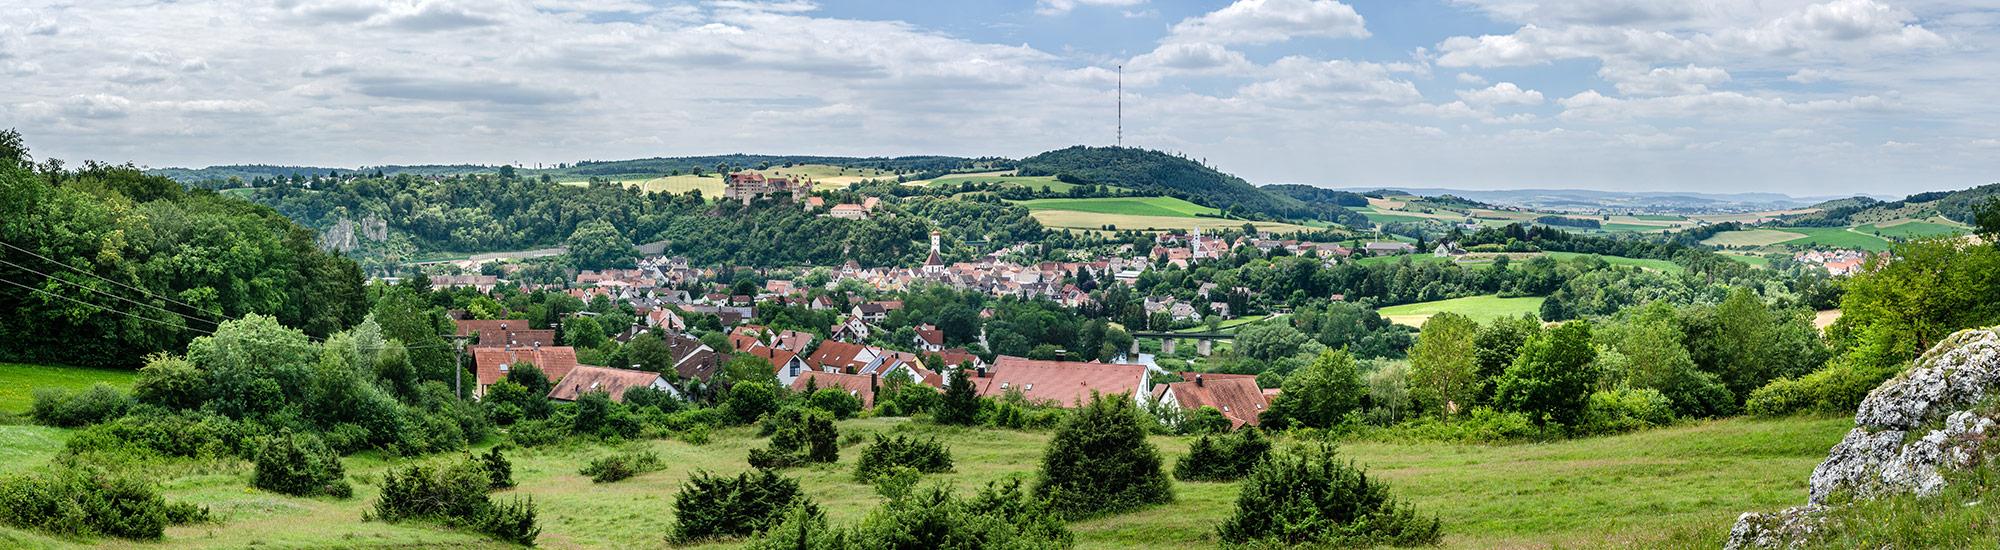 HBG_Ausblick-Heckelsberg